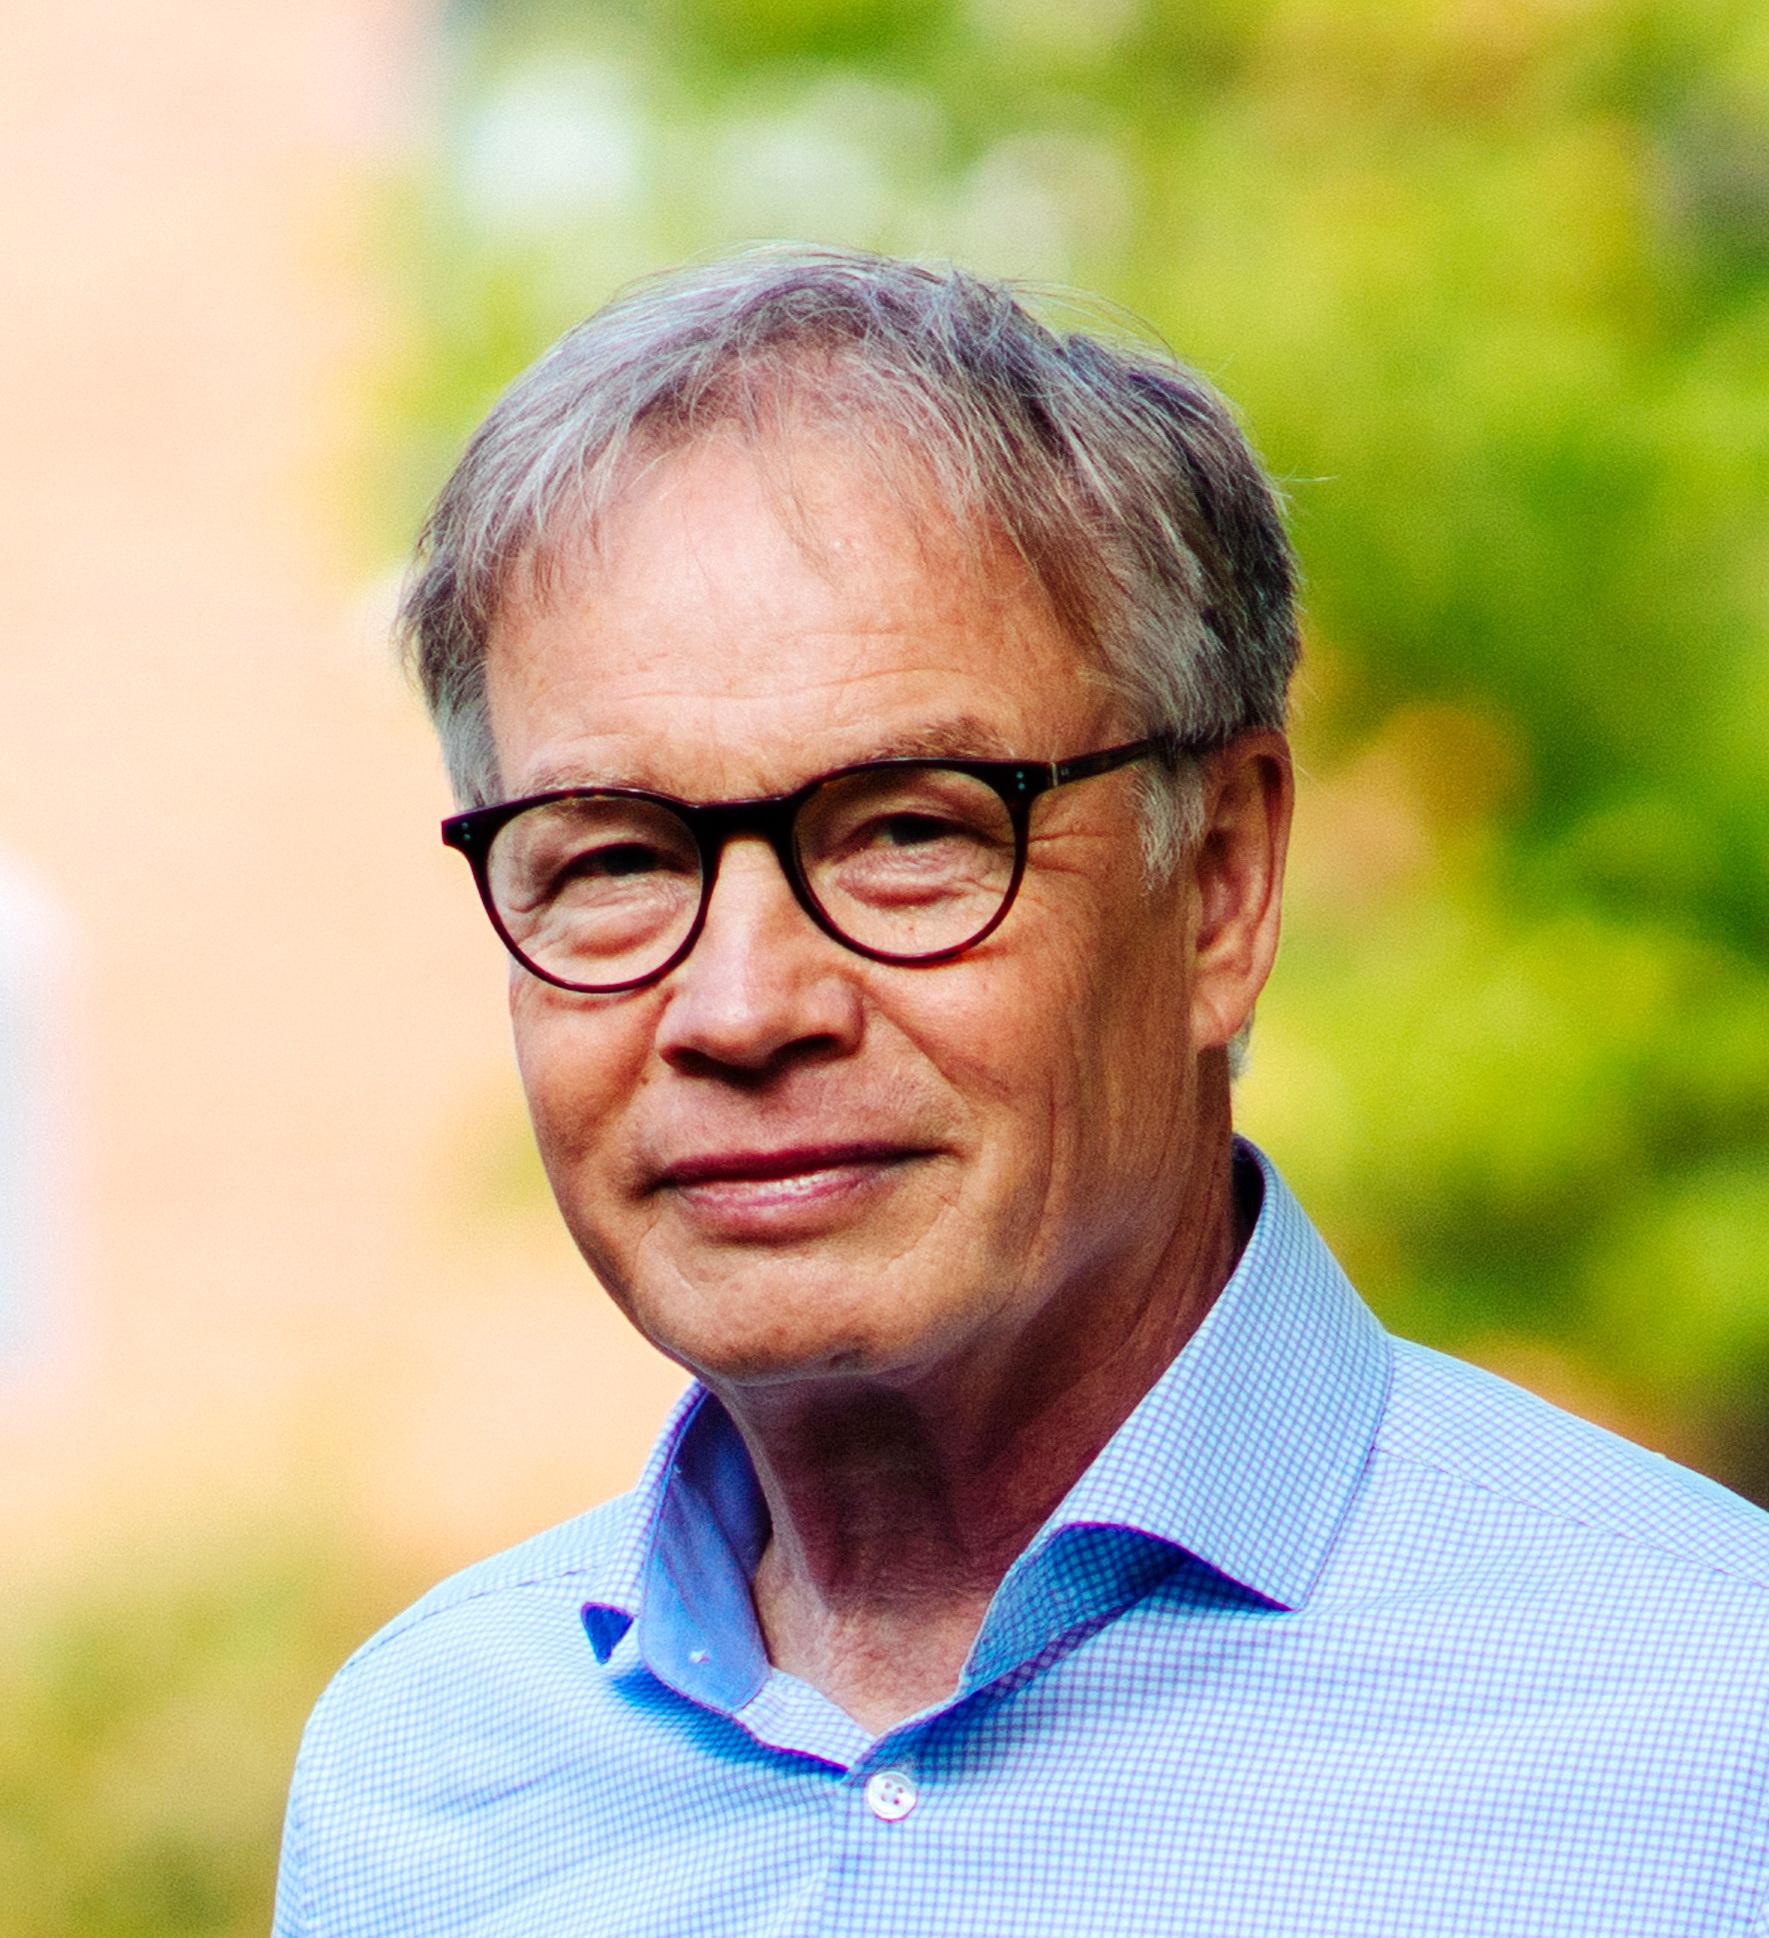 Andreas Lemli